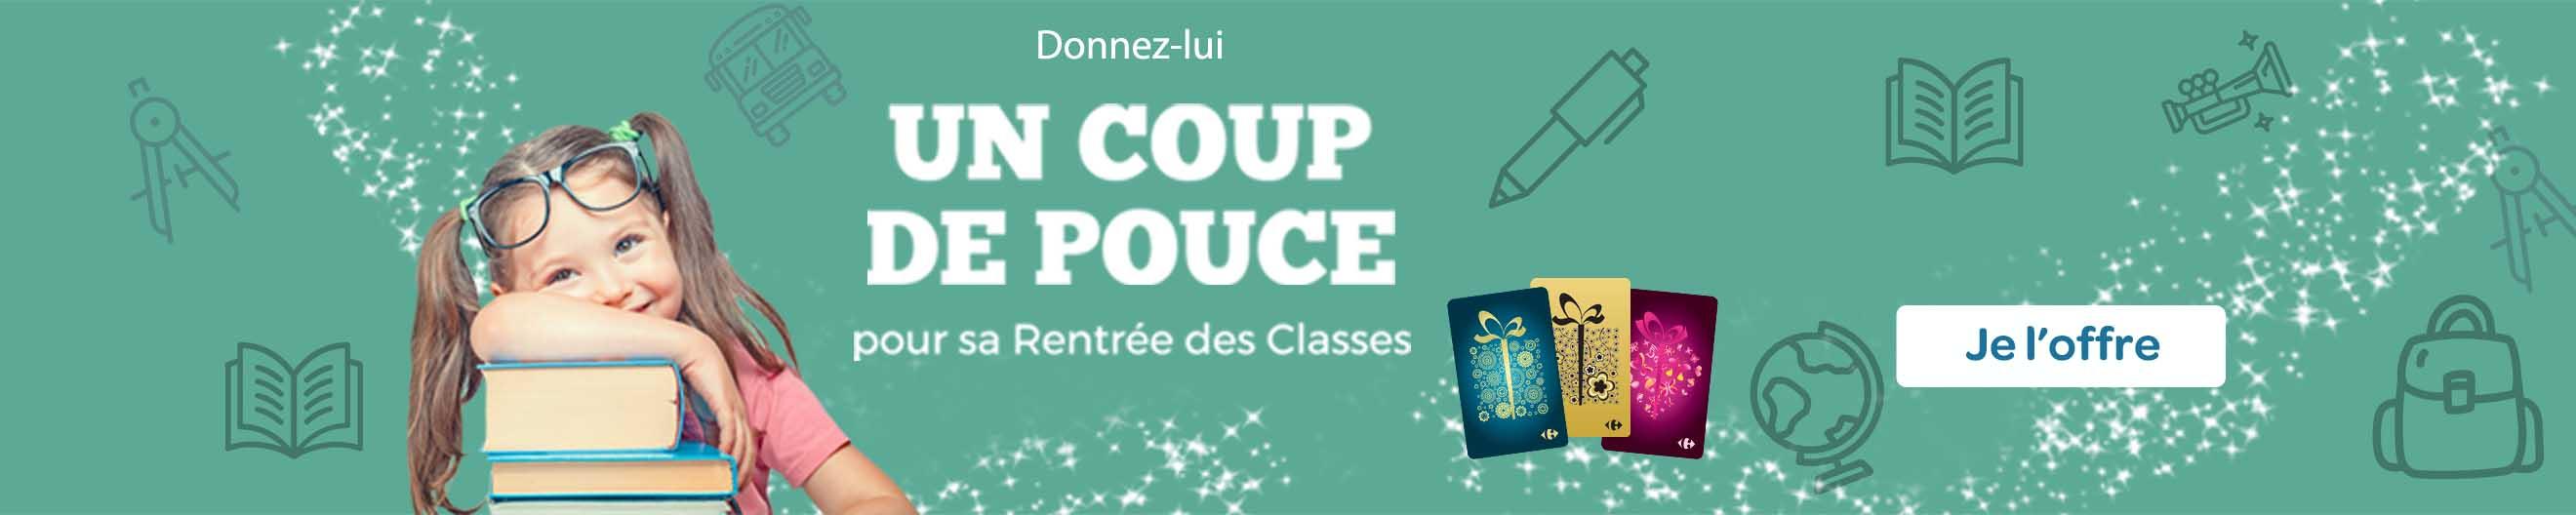 Carte Cadeau Carrefour Utilisable En Ligne.Cartes Cadeaux Carrefour Fr